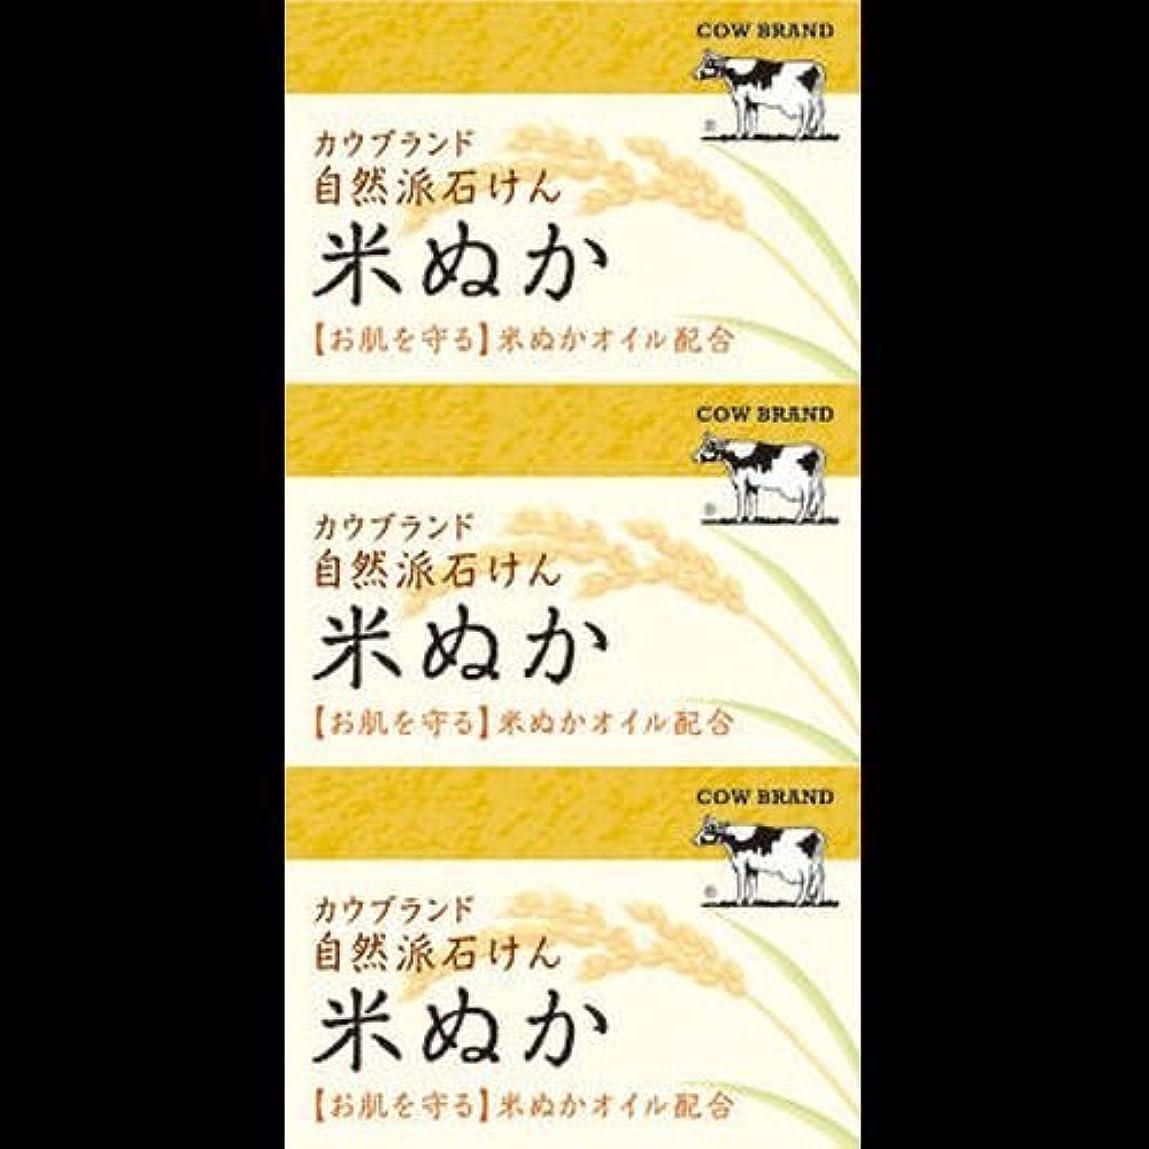 サンプルピアース防腐剤【まとめ買い】カウブランド 自然派石けん 米ぬか 100g*3個 ×2セット